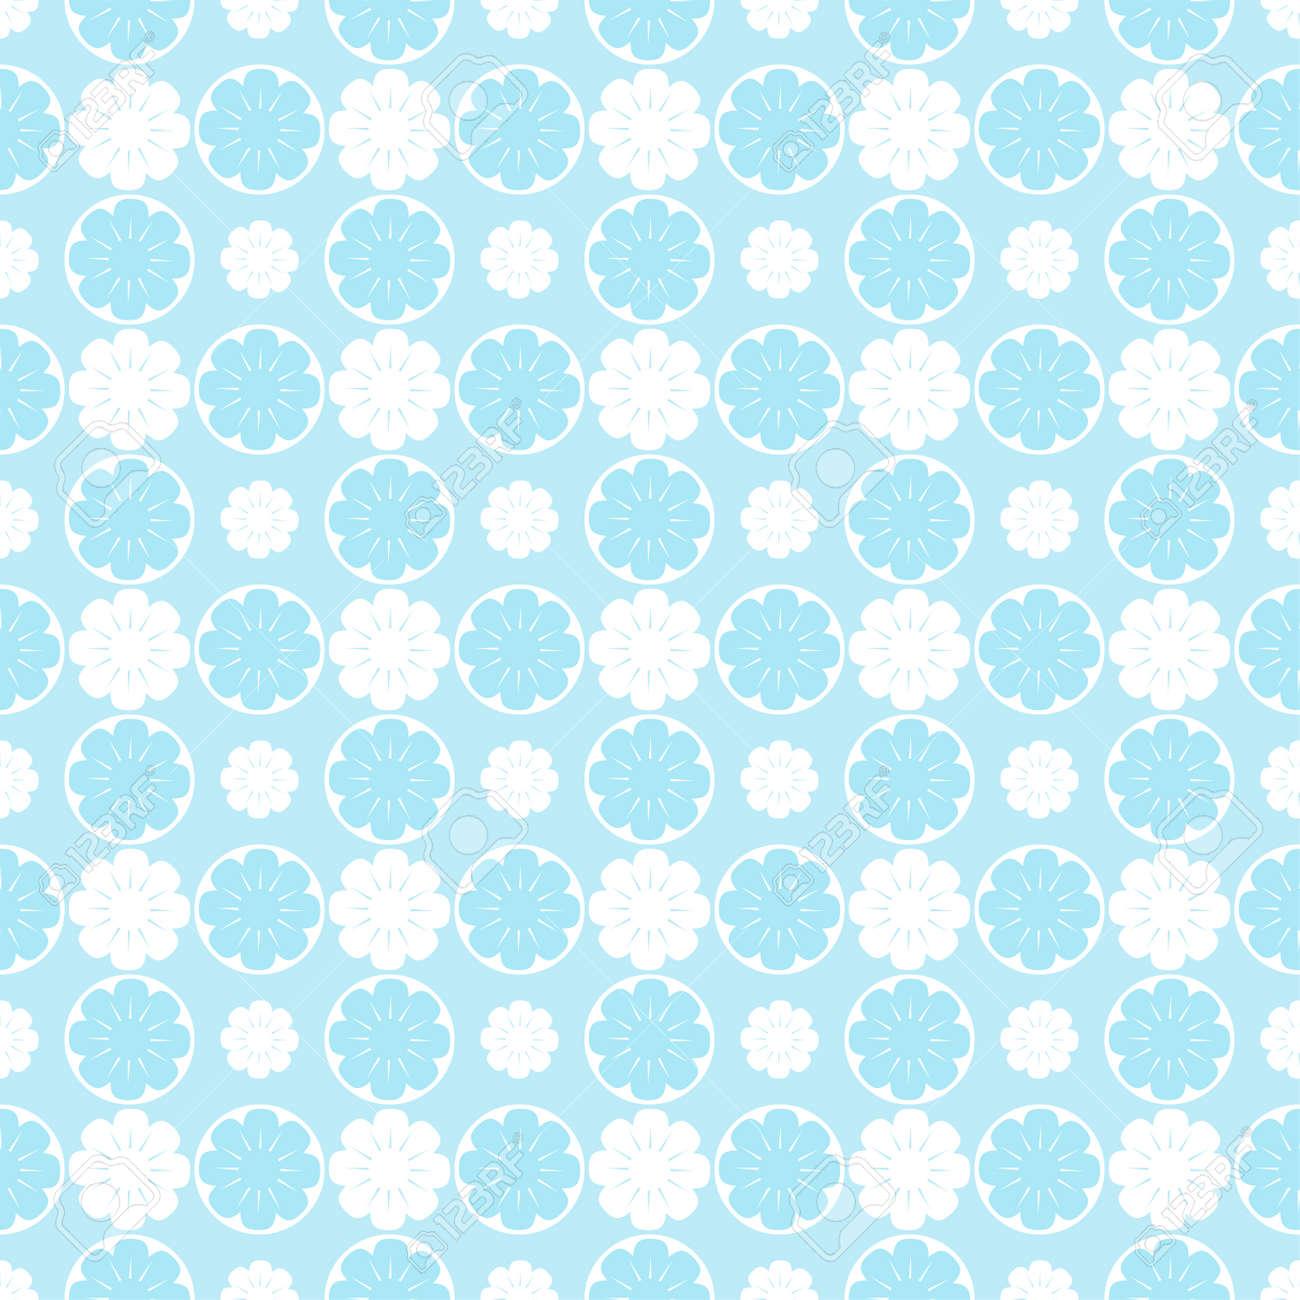 Blue Floral Pattern Vector Elegant Floral Background Royalty